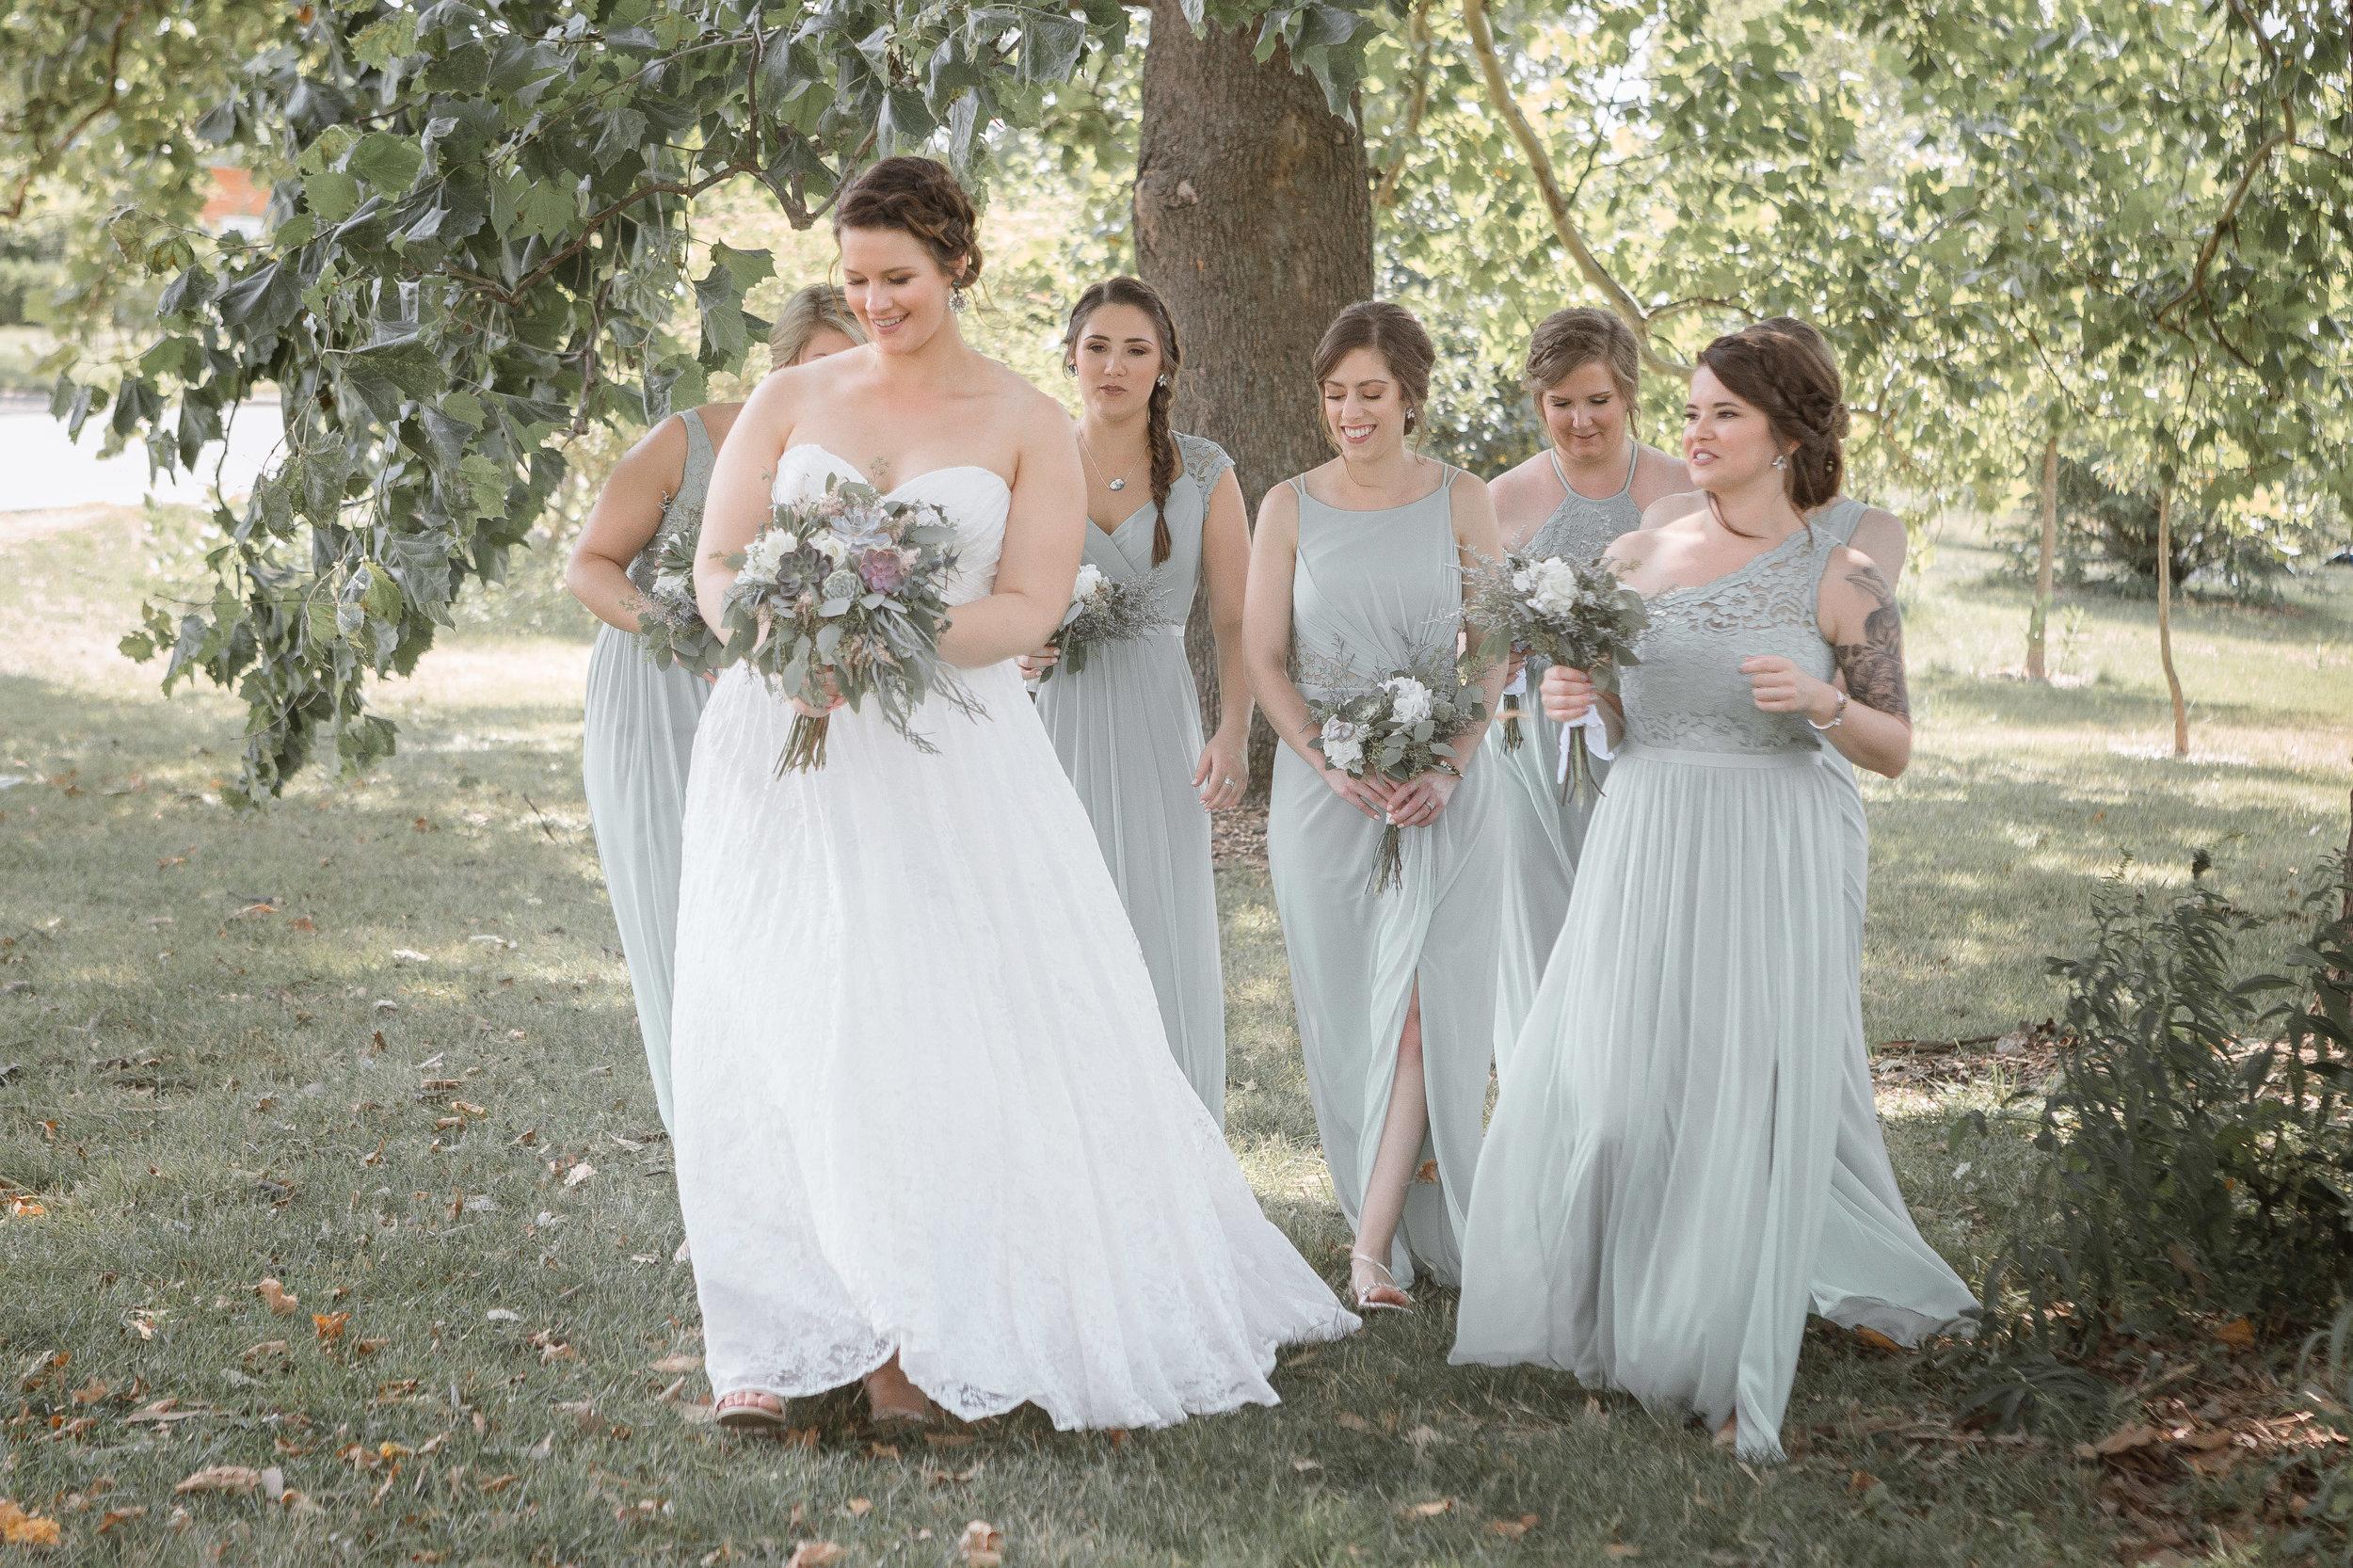 C_Wedding_Sarver, Alyssa & Scott_FOR BLOG-140.JPG